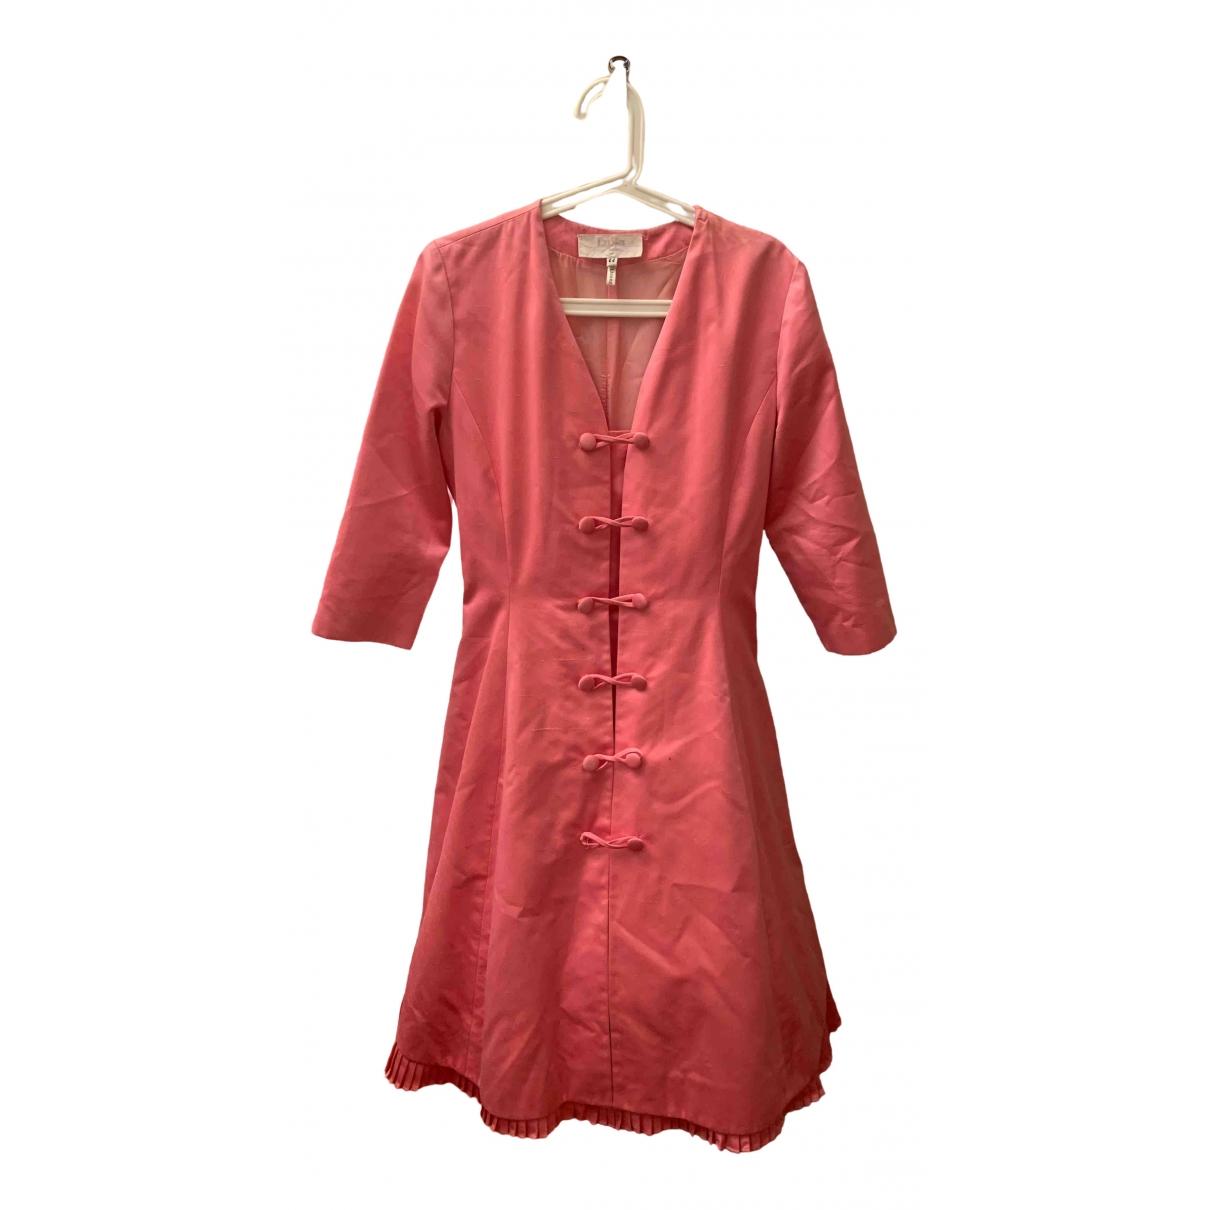 Luisa Beccaria \N Kleid in  Rosa Baumwolle